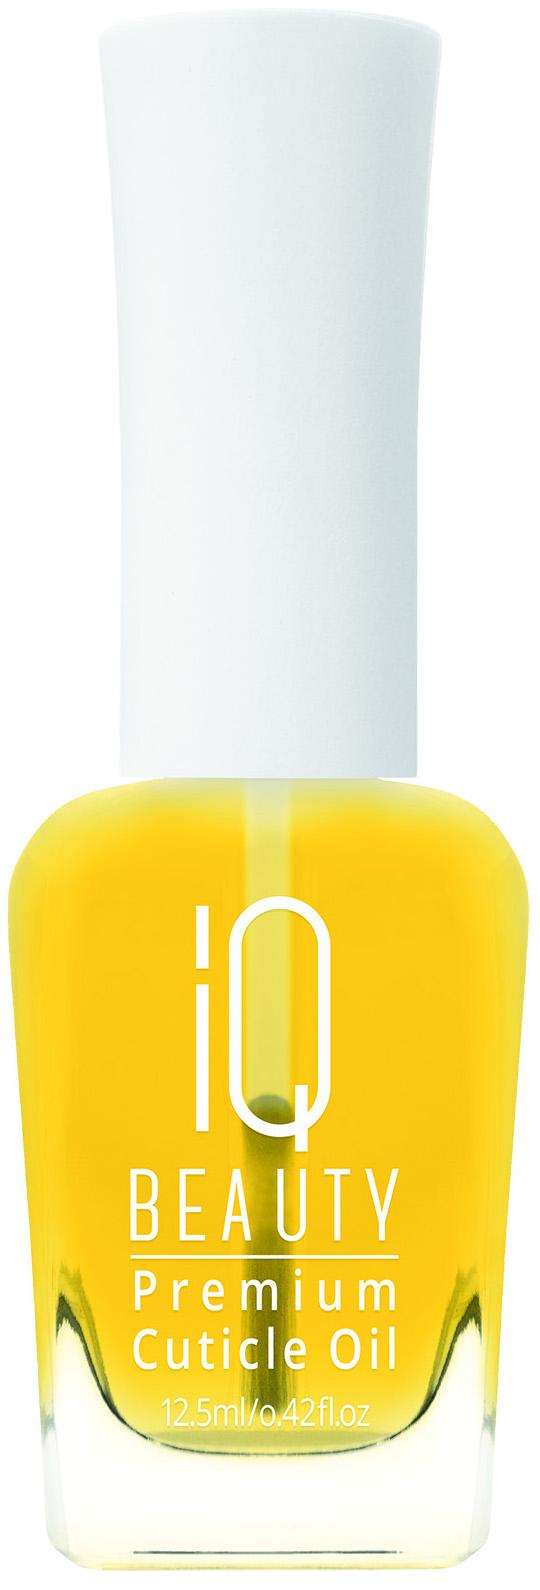 Купить Масло для ногтей IQ Beauty Premium Cuticle Oil Обогащённое масло для кутикулы 12, 5 мл